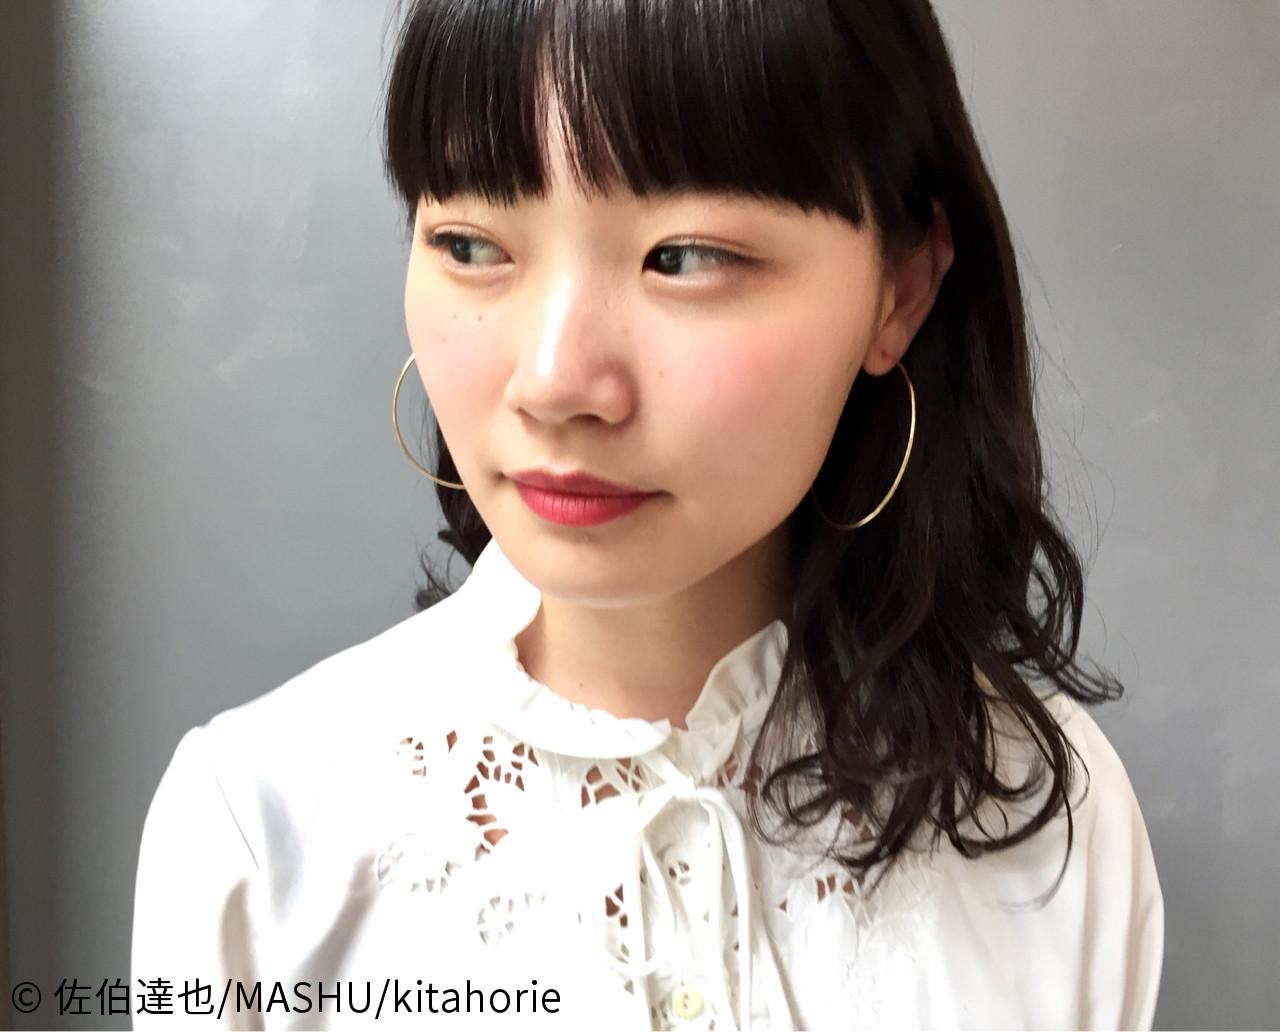 佐伯達也/MASHU/kitahorie